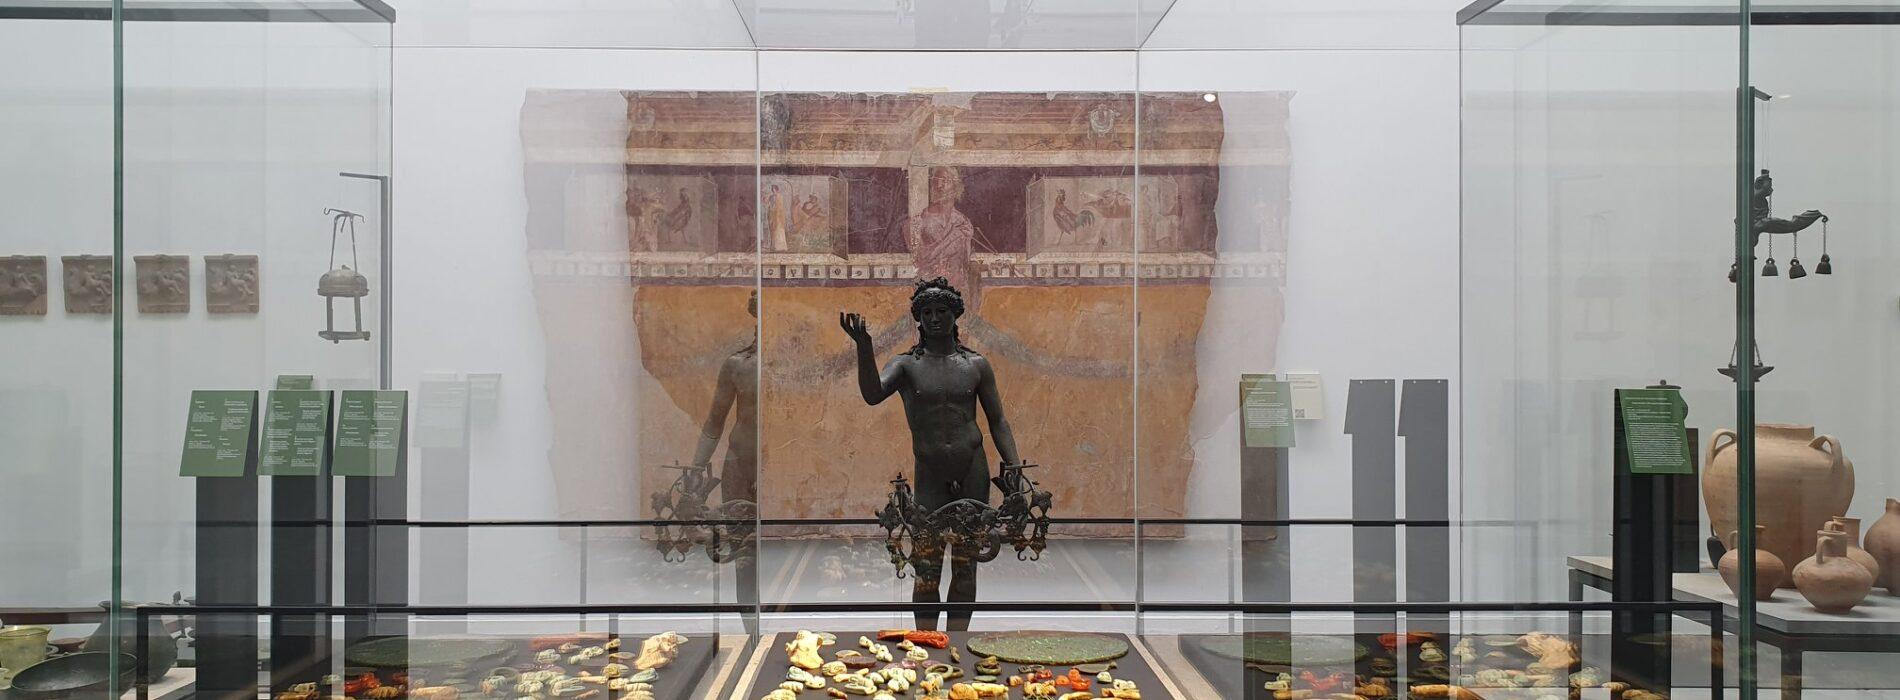 Ecco l'antiquariam di Pompei, spazio espositivo e visitor center